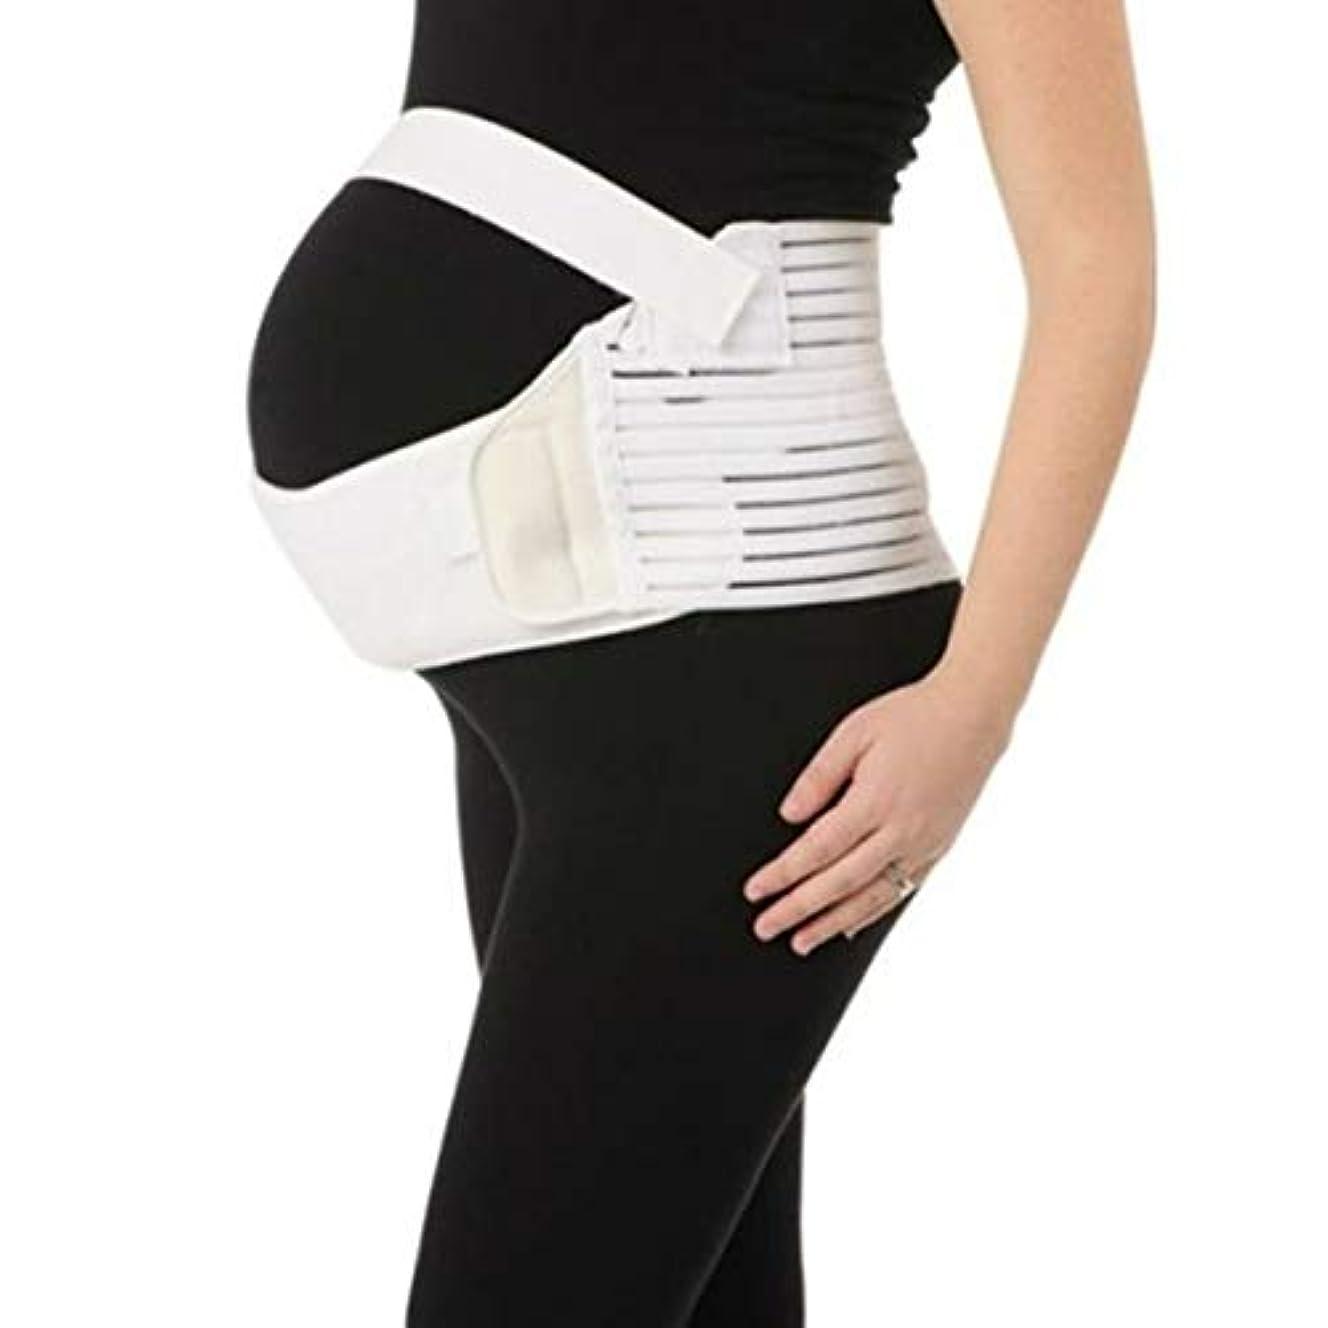 放牧する学んだまだ通気性マタニティベルト妊娠腹部サポート腹部バインダーガードル運動包帯産後の回復shapewear - ホワイトL